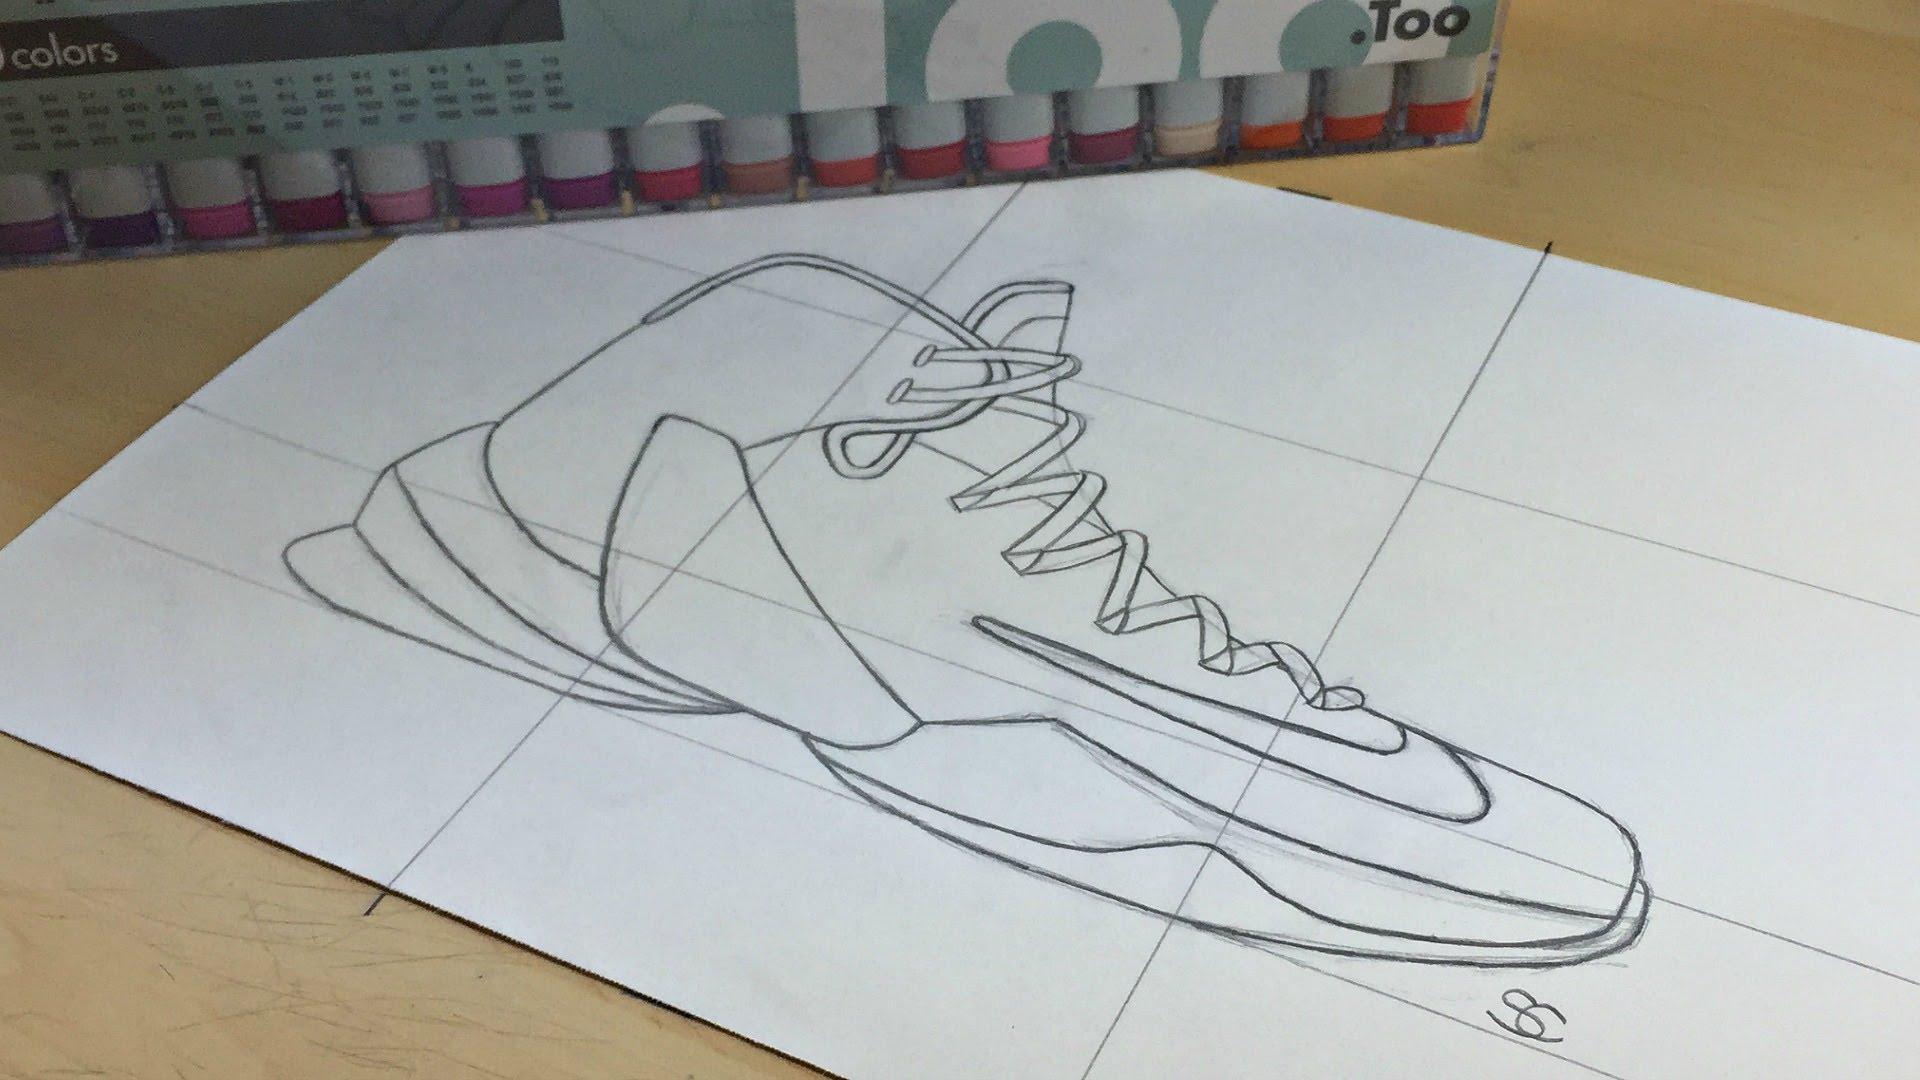 Drawn shoe lebron shoe 13 Elite How Elite To